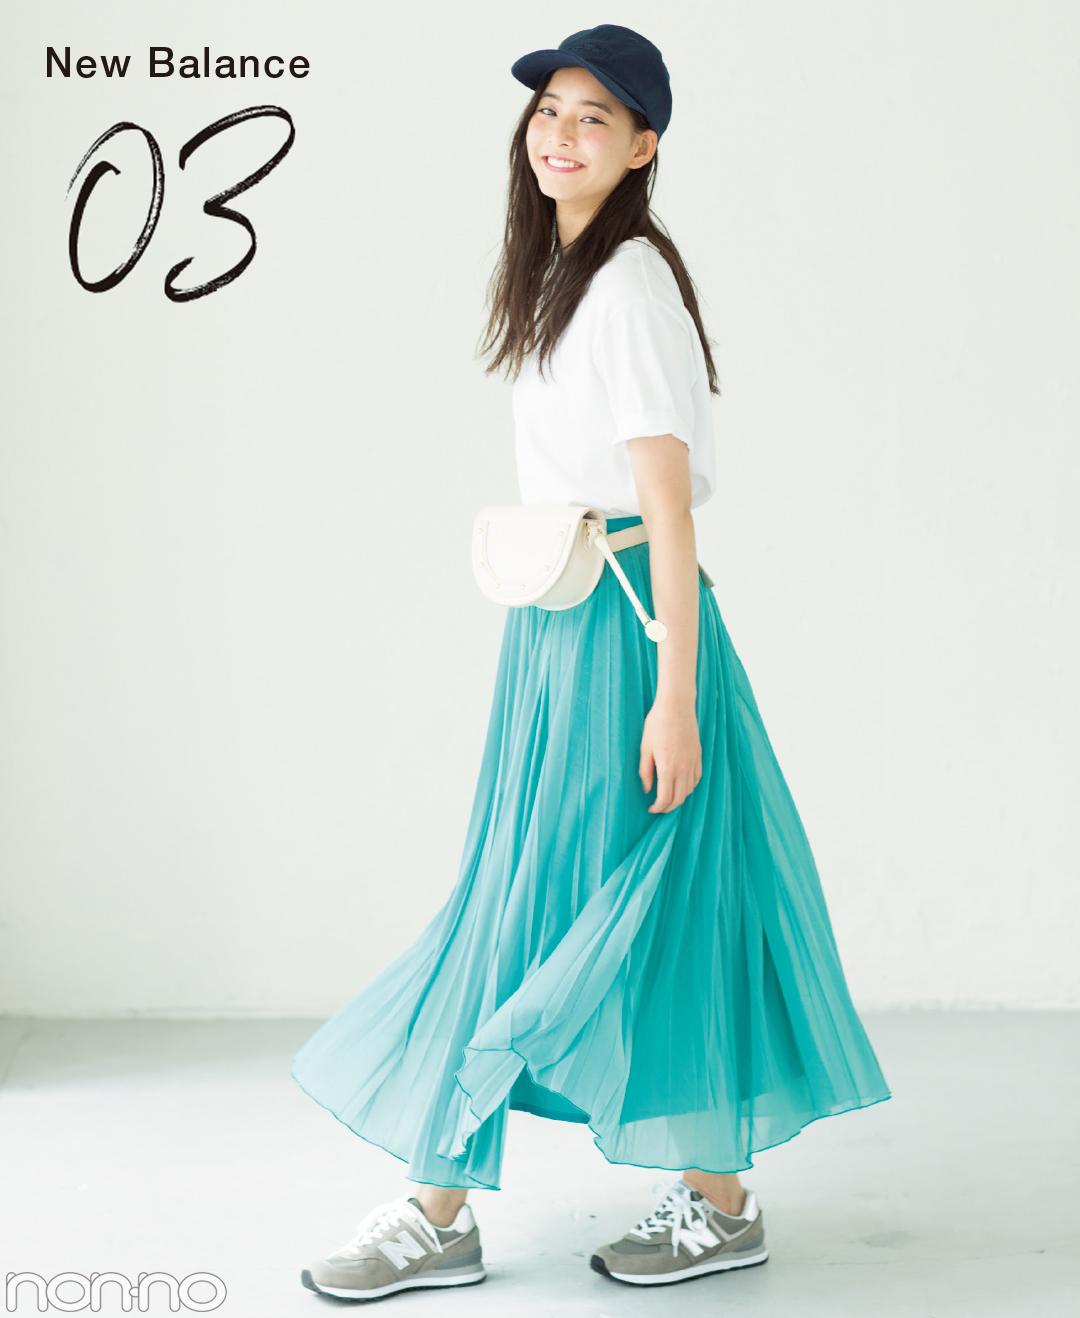 【夏のスニーカーコーデ】新木優子は、パステルスカートの甘さを程よく引き算してこなれコーデ。